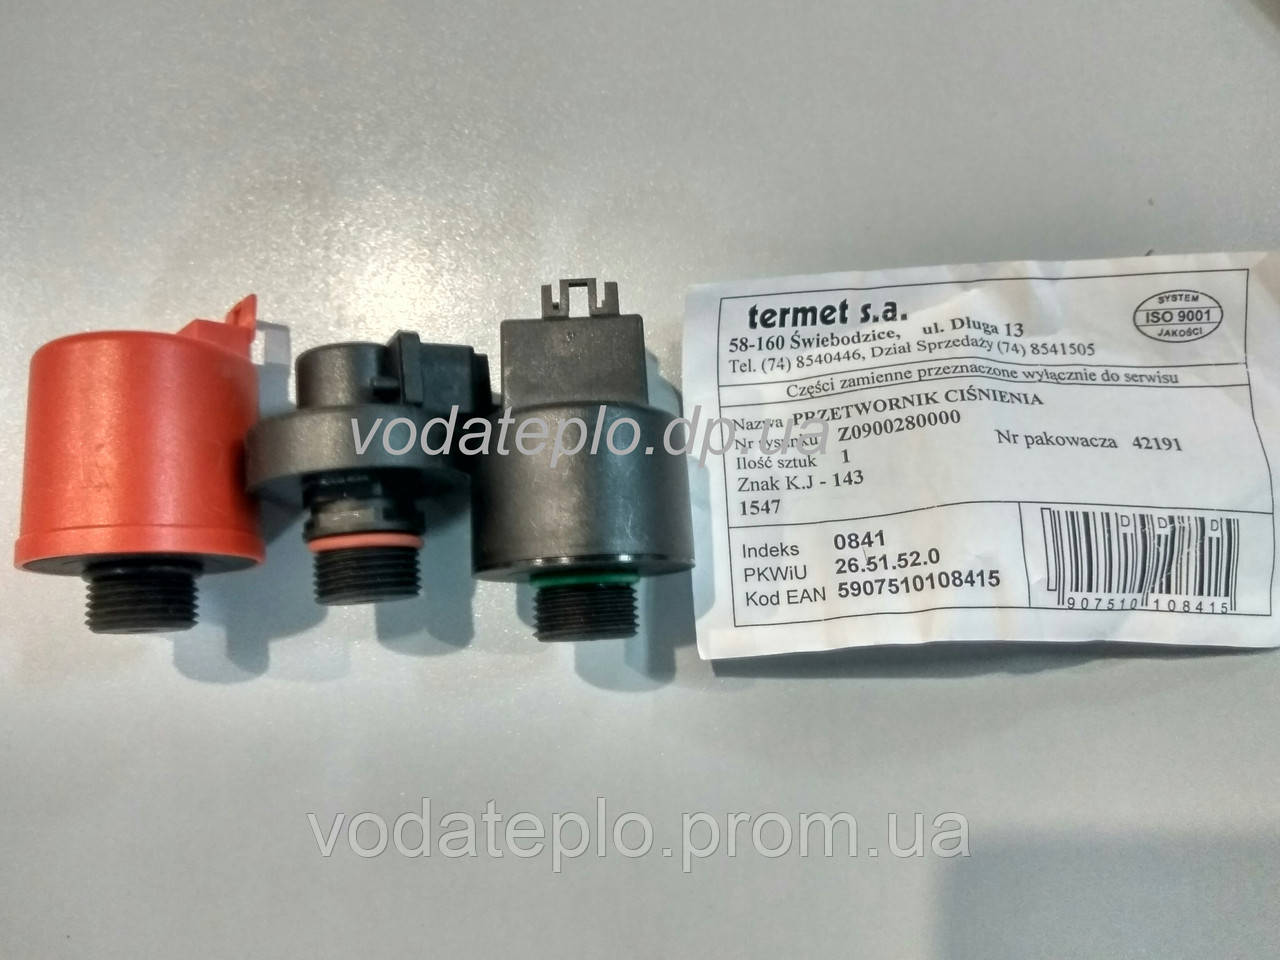 Z0900.28.00.00 Преобразователь давления Termet - ООО Вода Тепло интернет магазин в Днепре